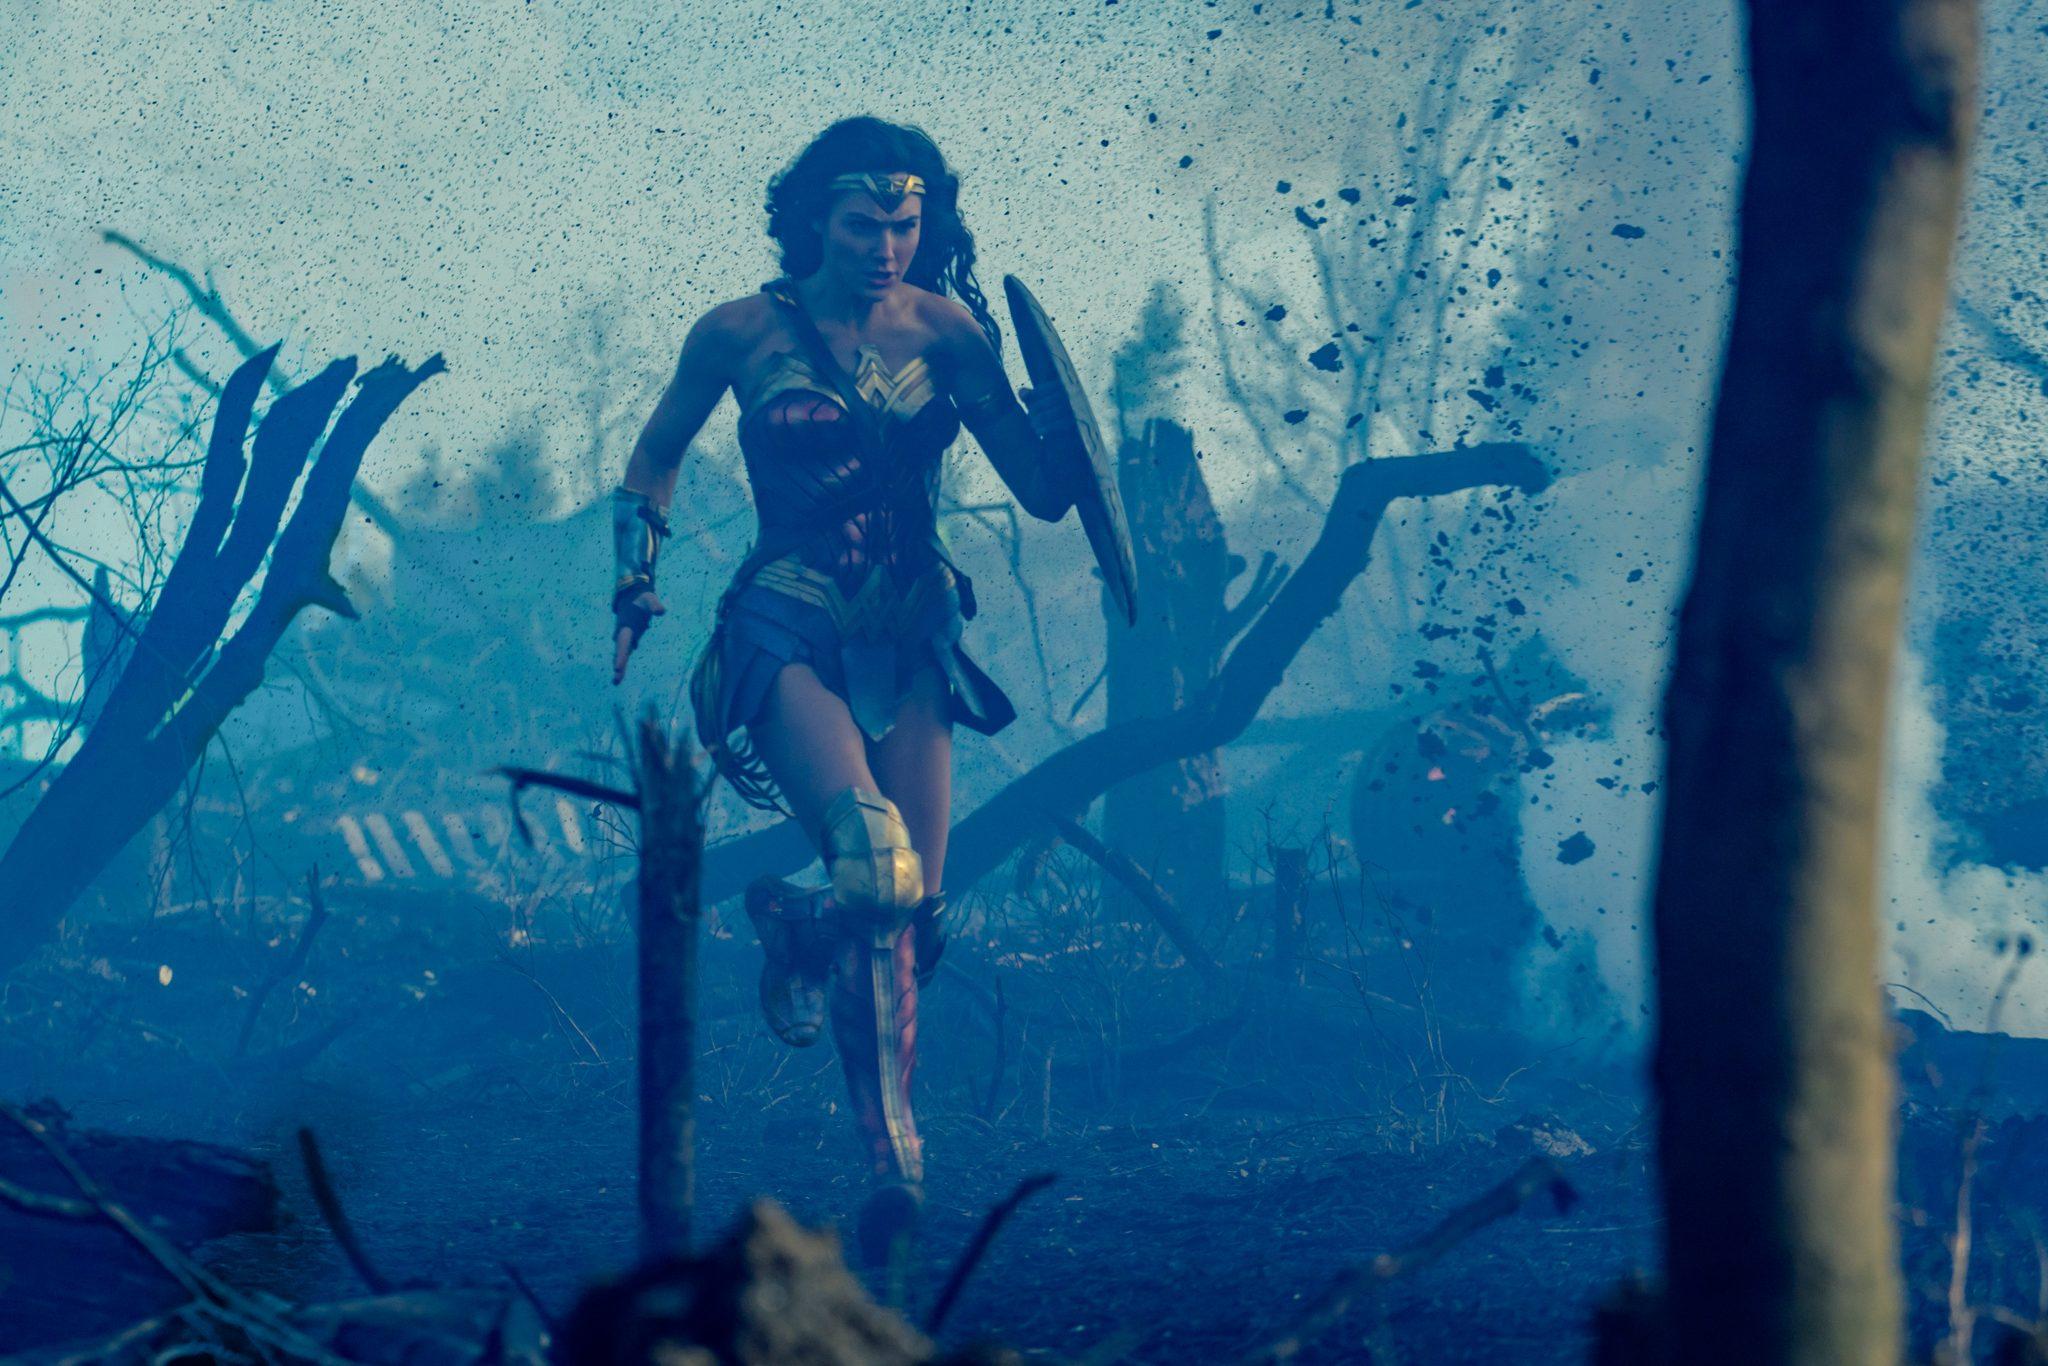 Wonder Woman critique photo film